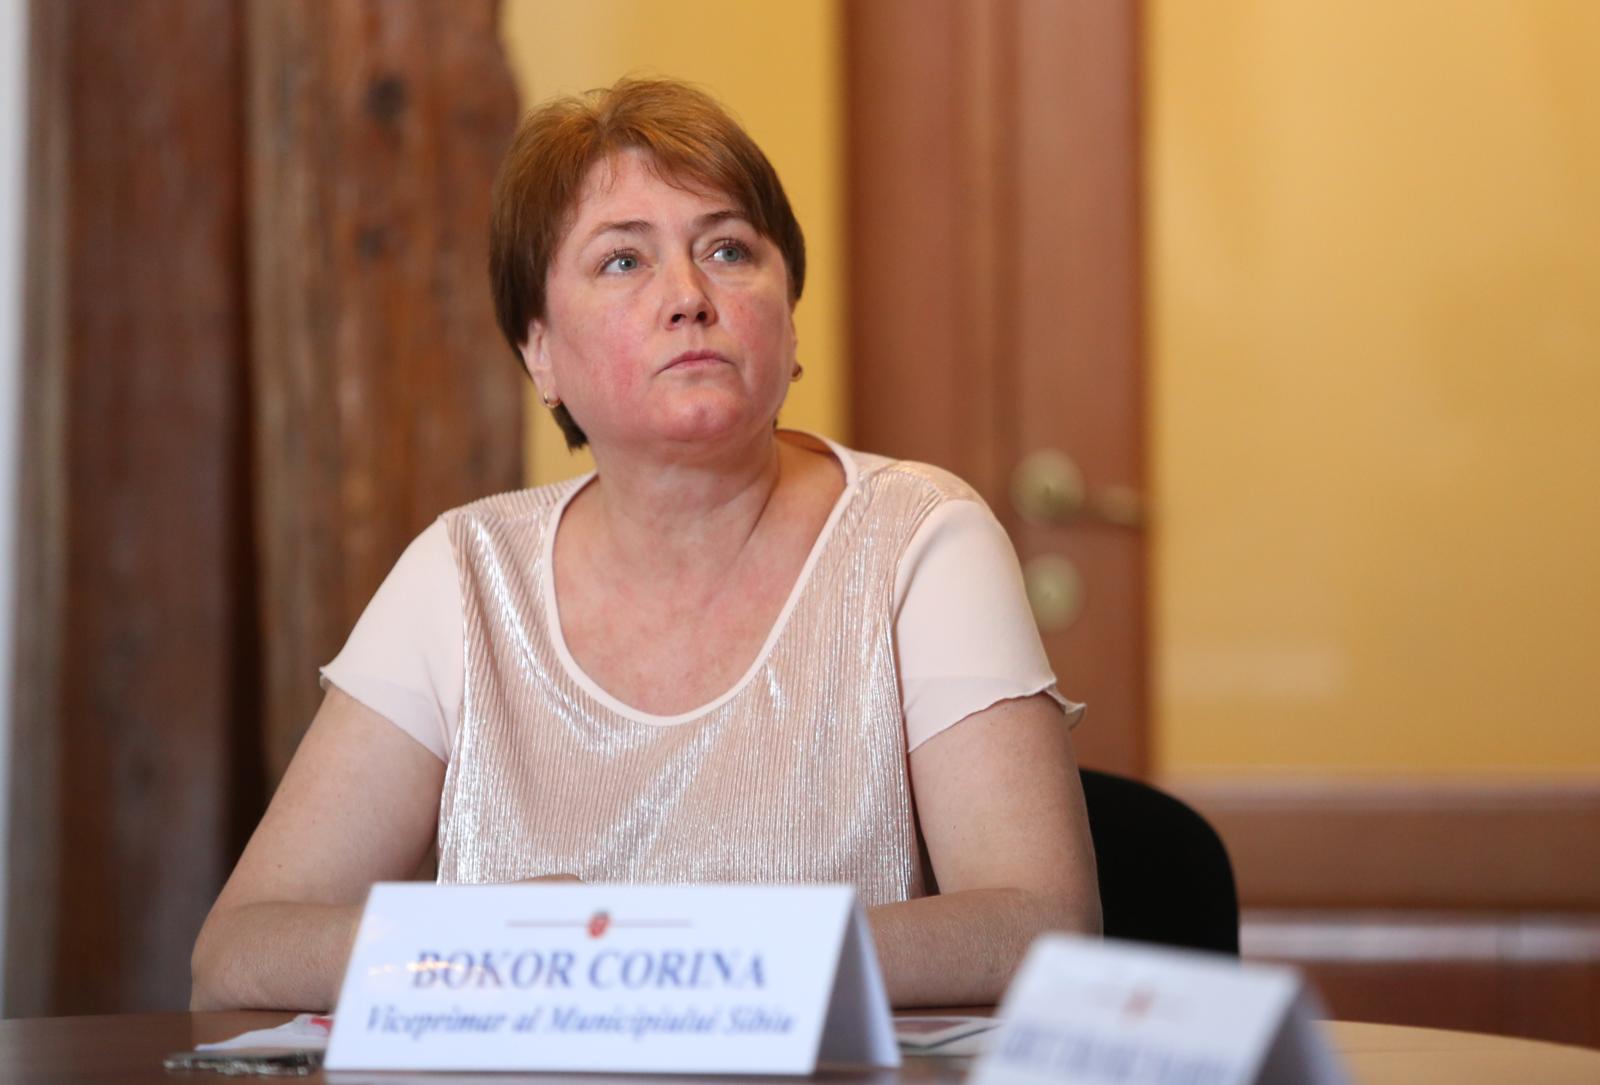 Corina Bokor a fost aleasă primar interimar al municipiului Sibiu după suspendarea lui Astrid Fodor